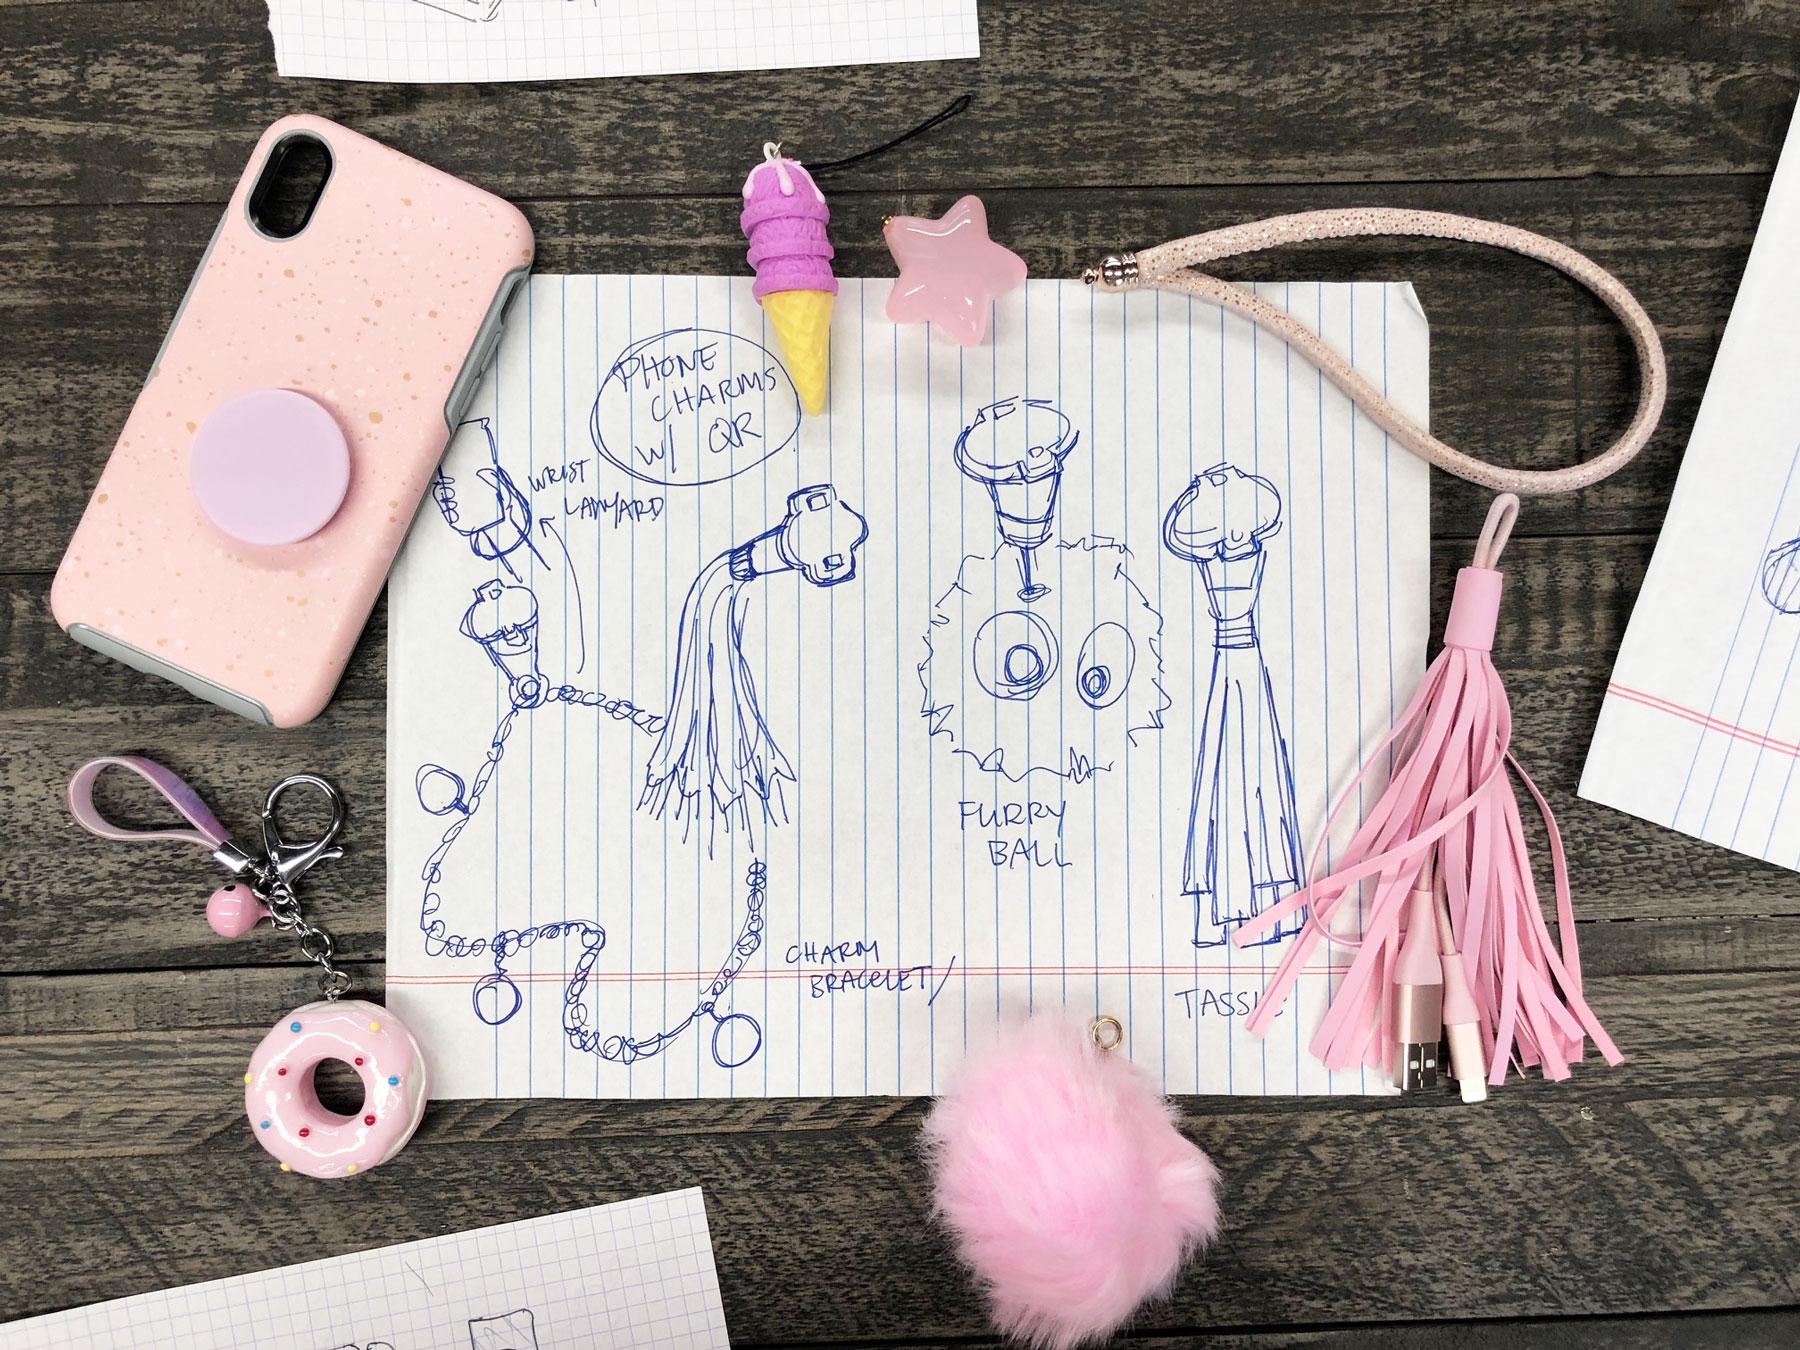 PopCharm-Sketches.jpg